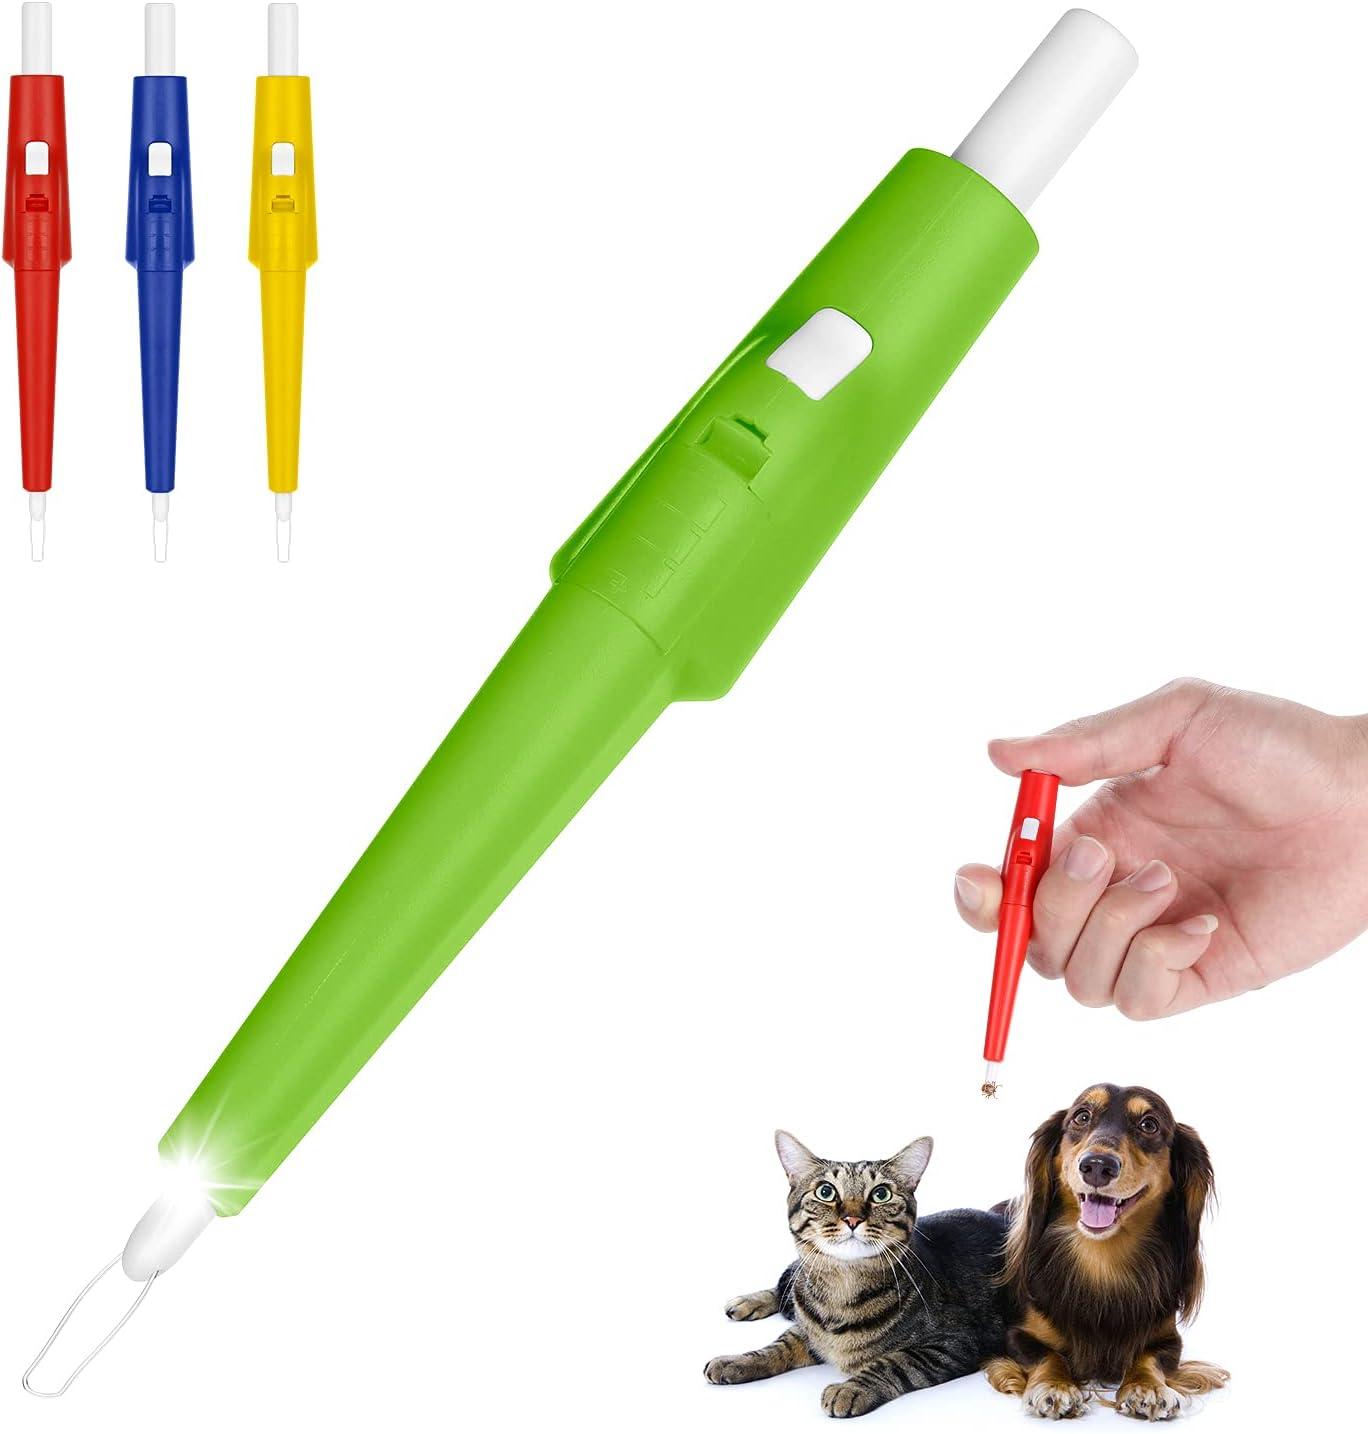 Kasimir Pinzas para garrapatas, Pinzas para garrapatas para Perro/Gato, Profesional Garrapatas Herramienta - Fácil de Eliminar Garrapatas para Mascotas Perros Gatos Caballos Verde